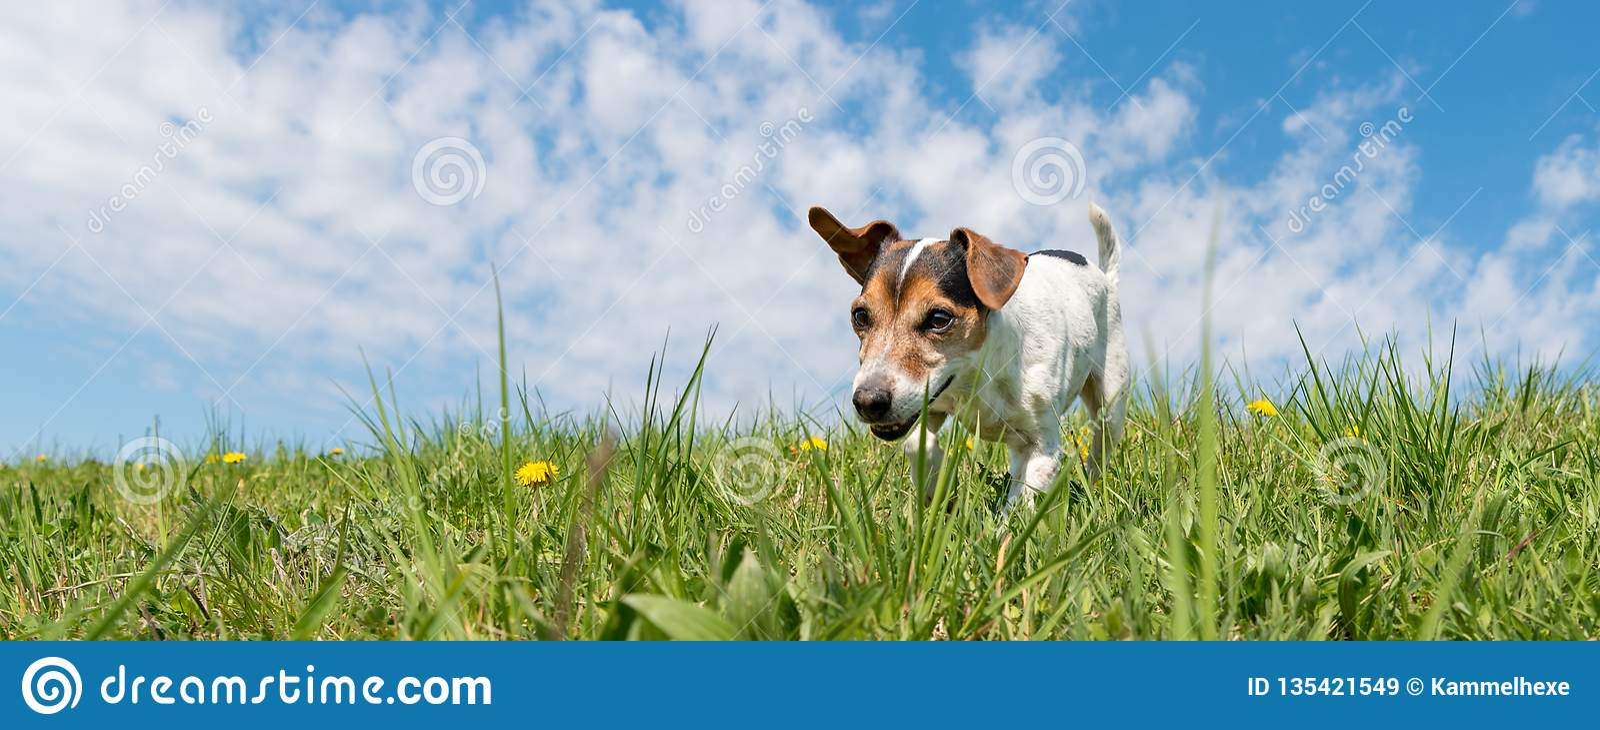 Jack Russell Terrier hund på en äng som är främst av blå himmel